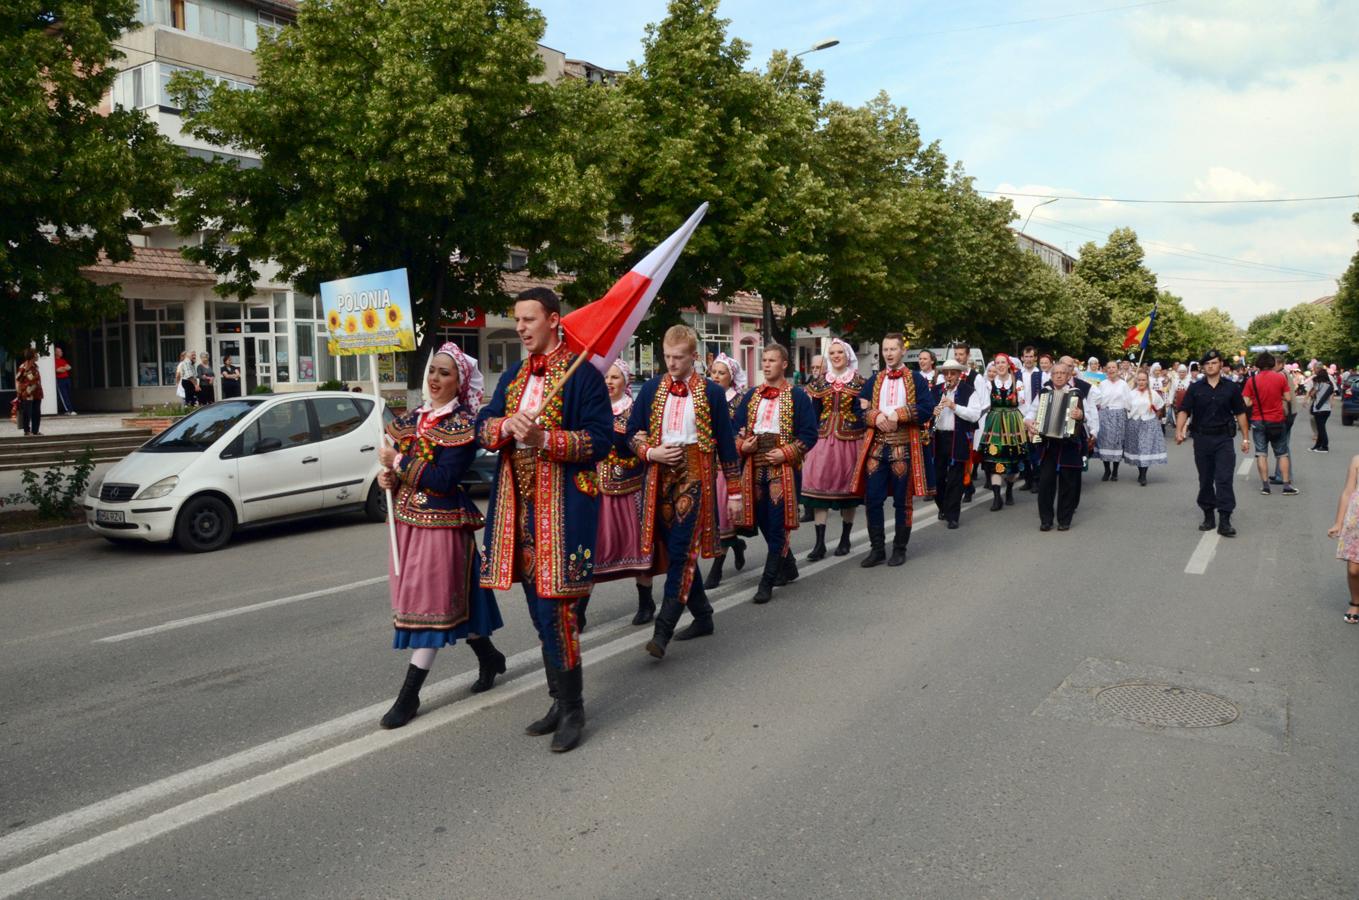 slobozia_parada_polonia